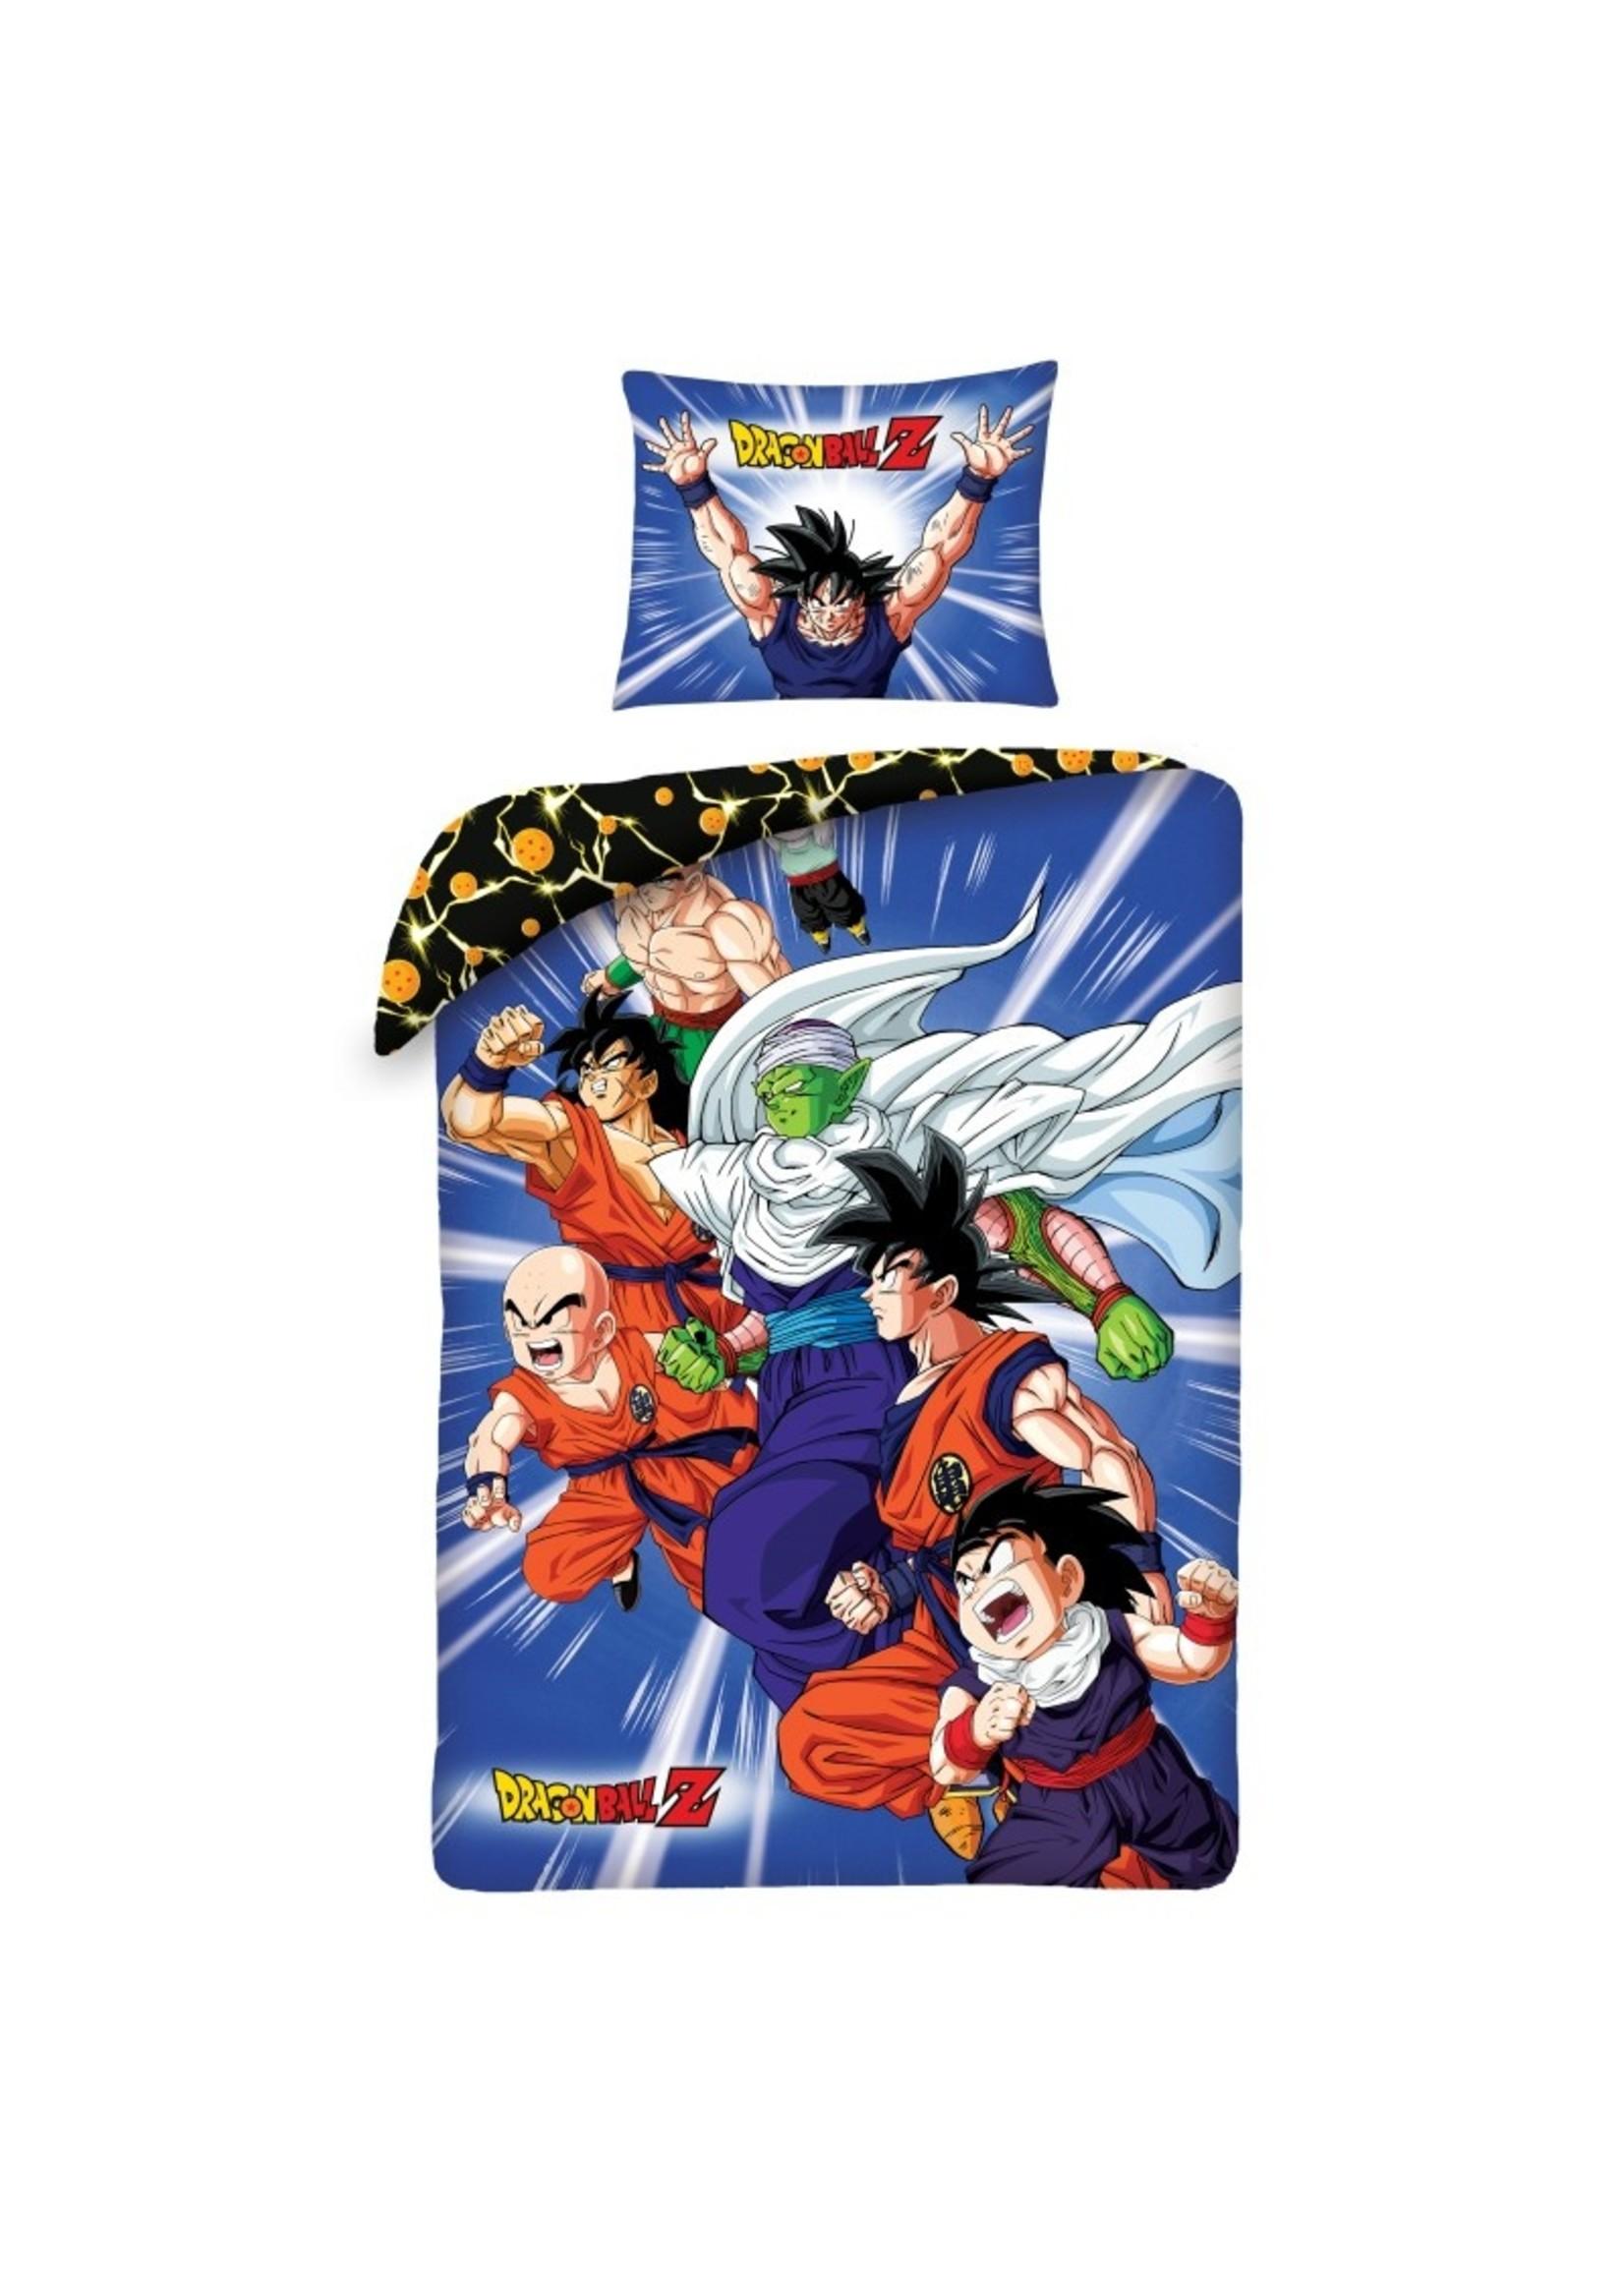 Dragonball Dekbedovertrek 140x200 Katoen Dragon Ball -